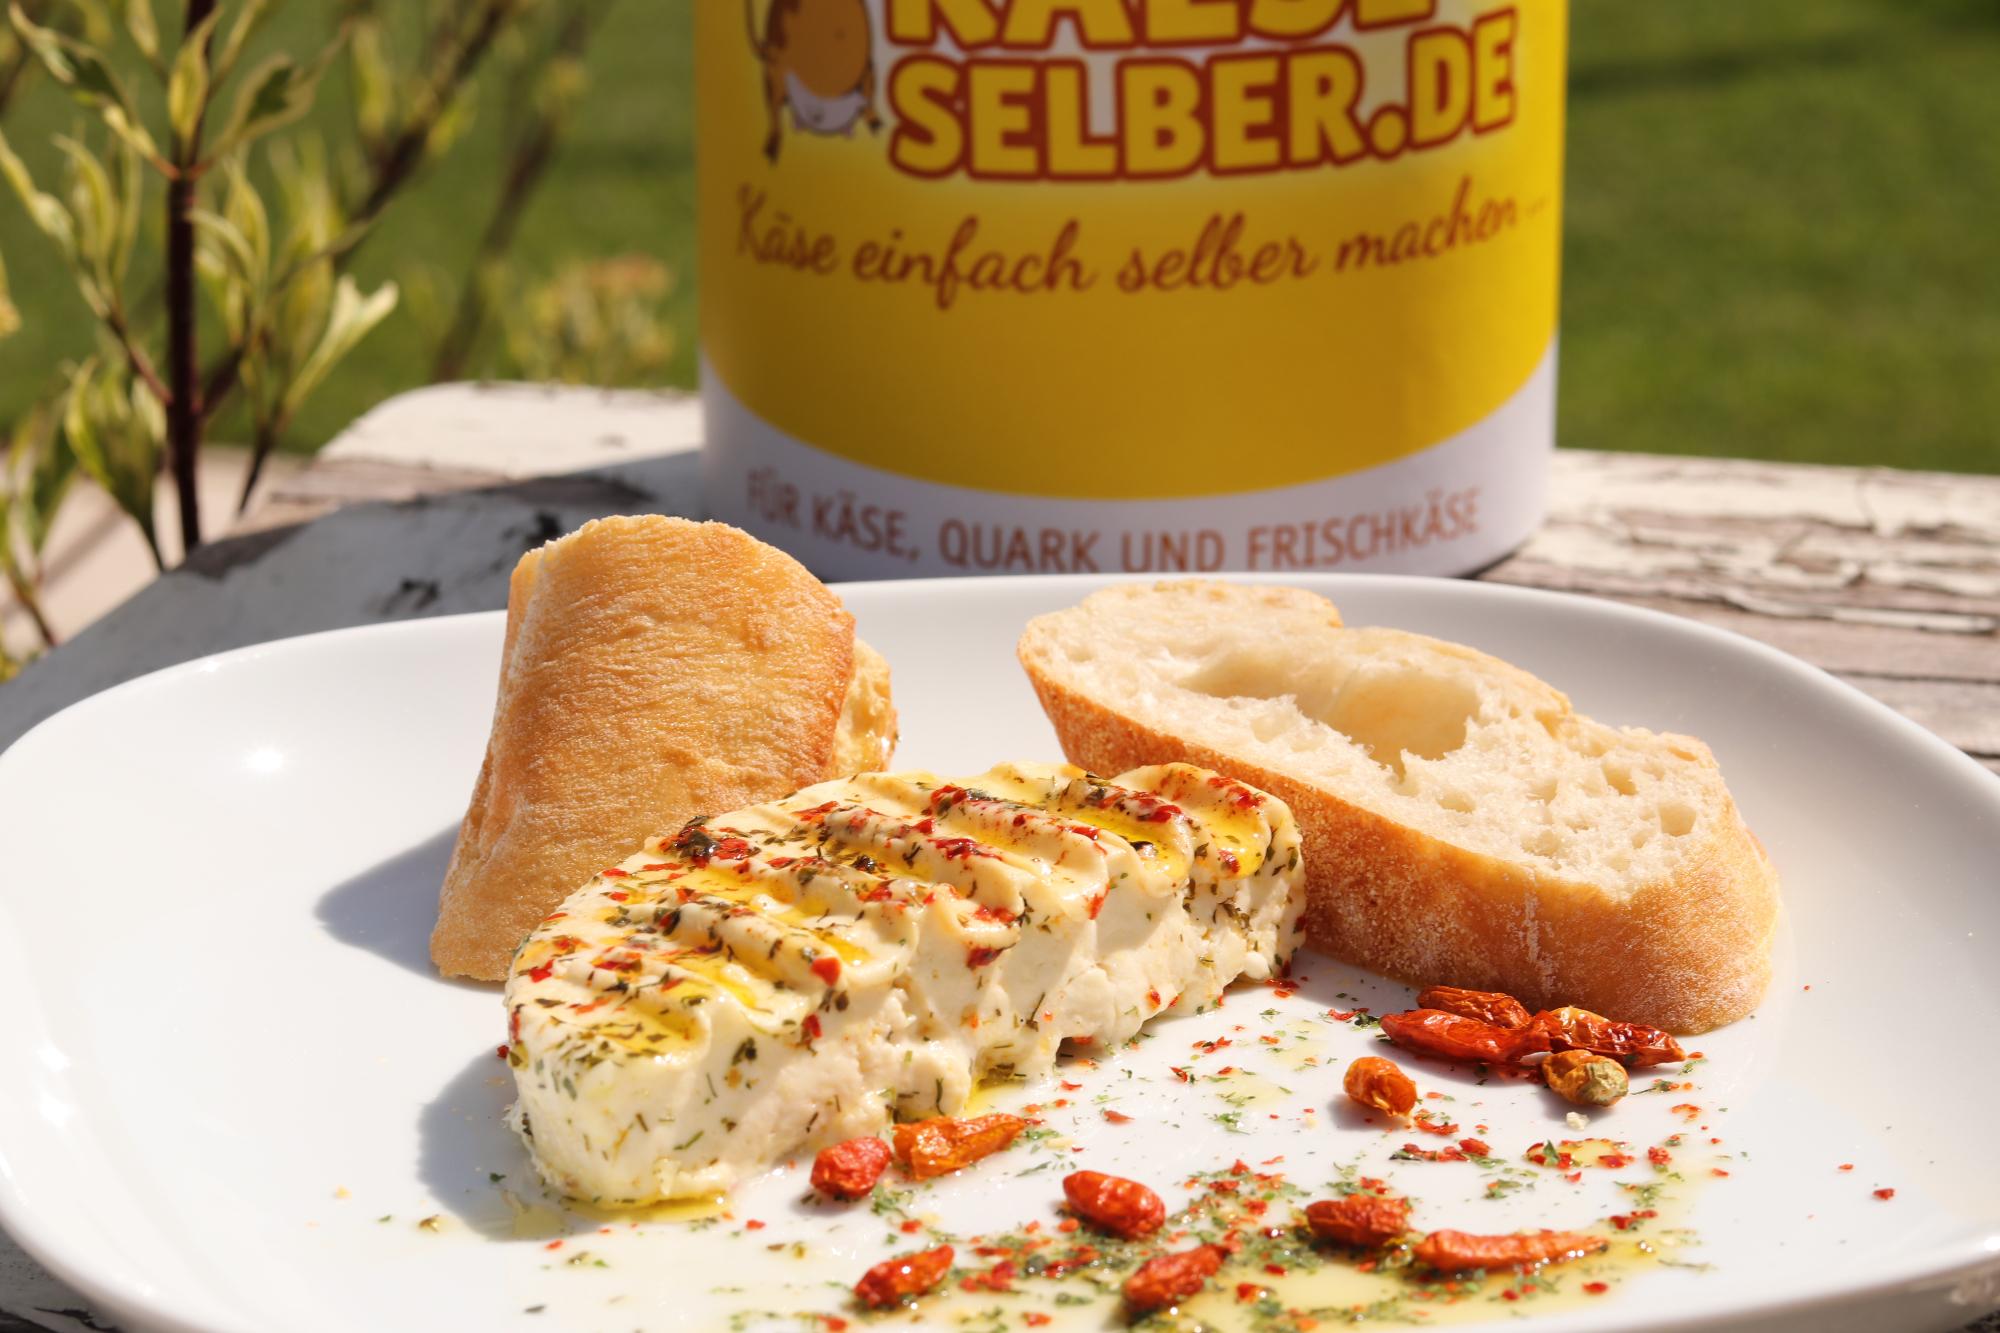 Grill-BBQ-Käse selber machen (für Einsteiger)